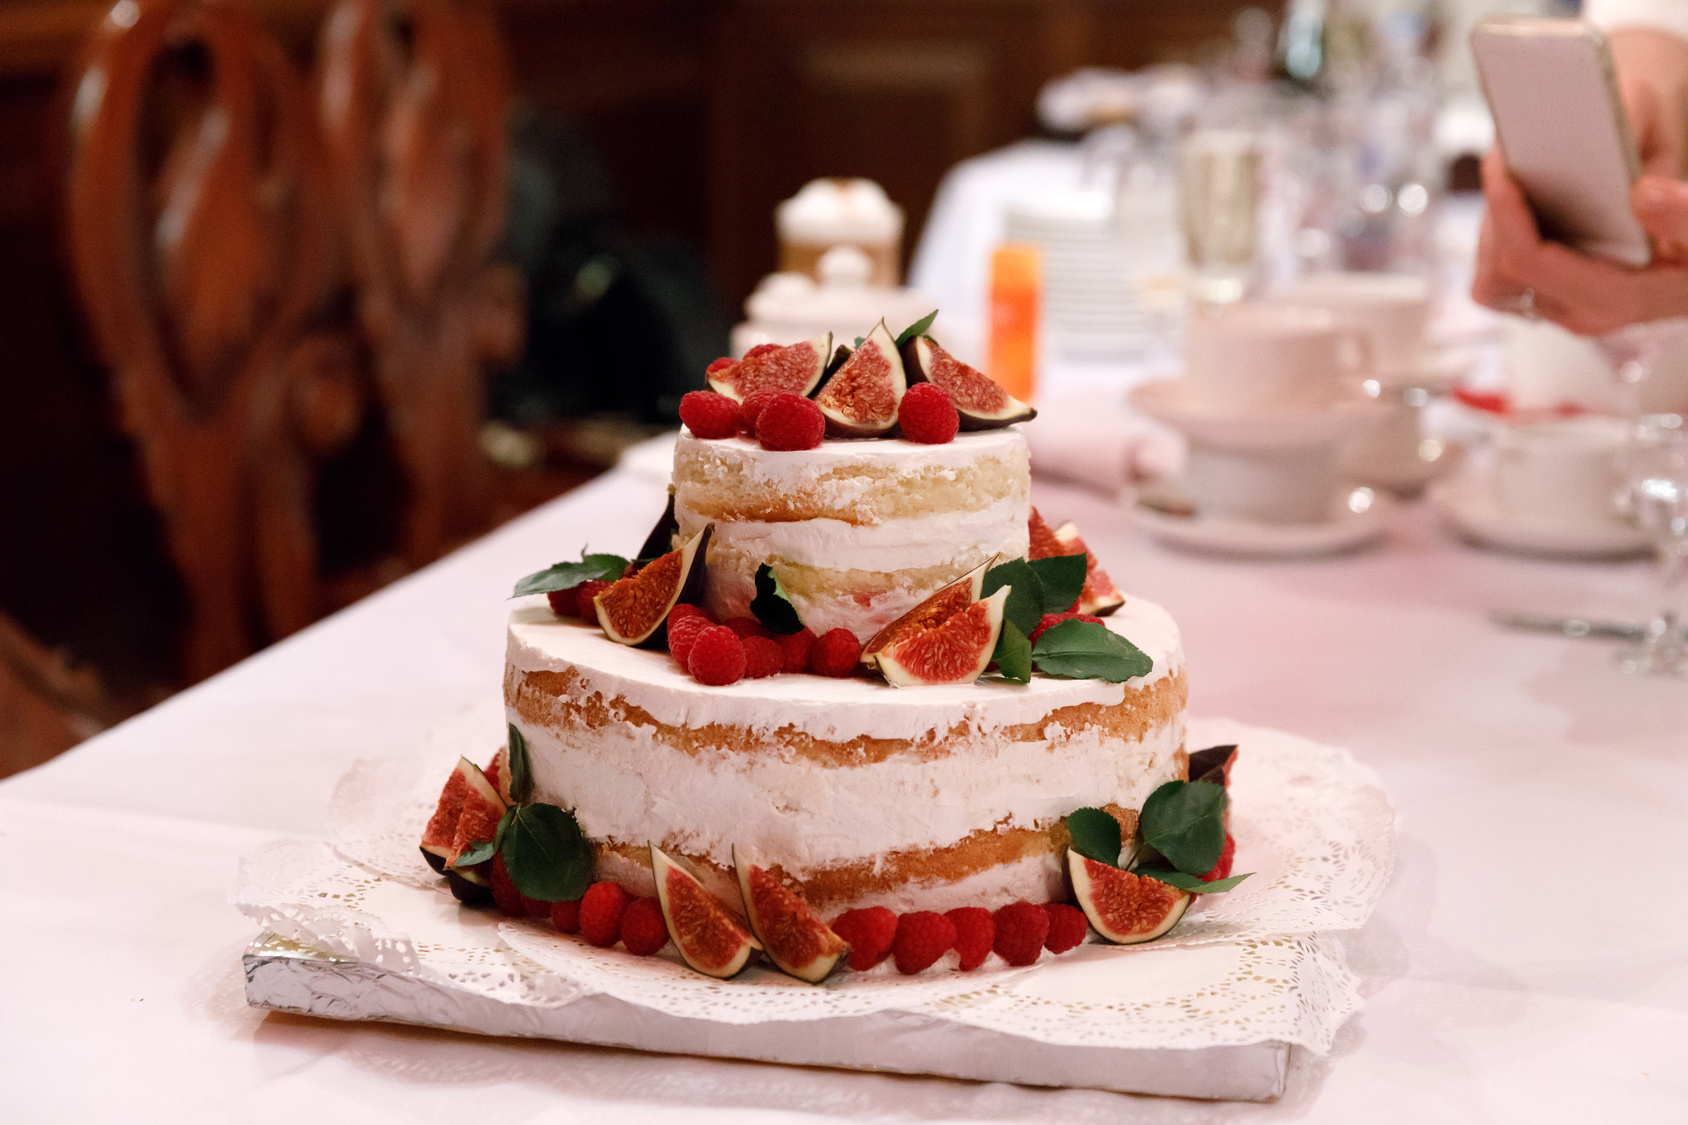 tort na ślubny, tort ślubny z owocami